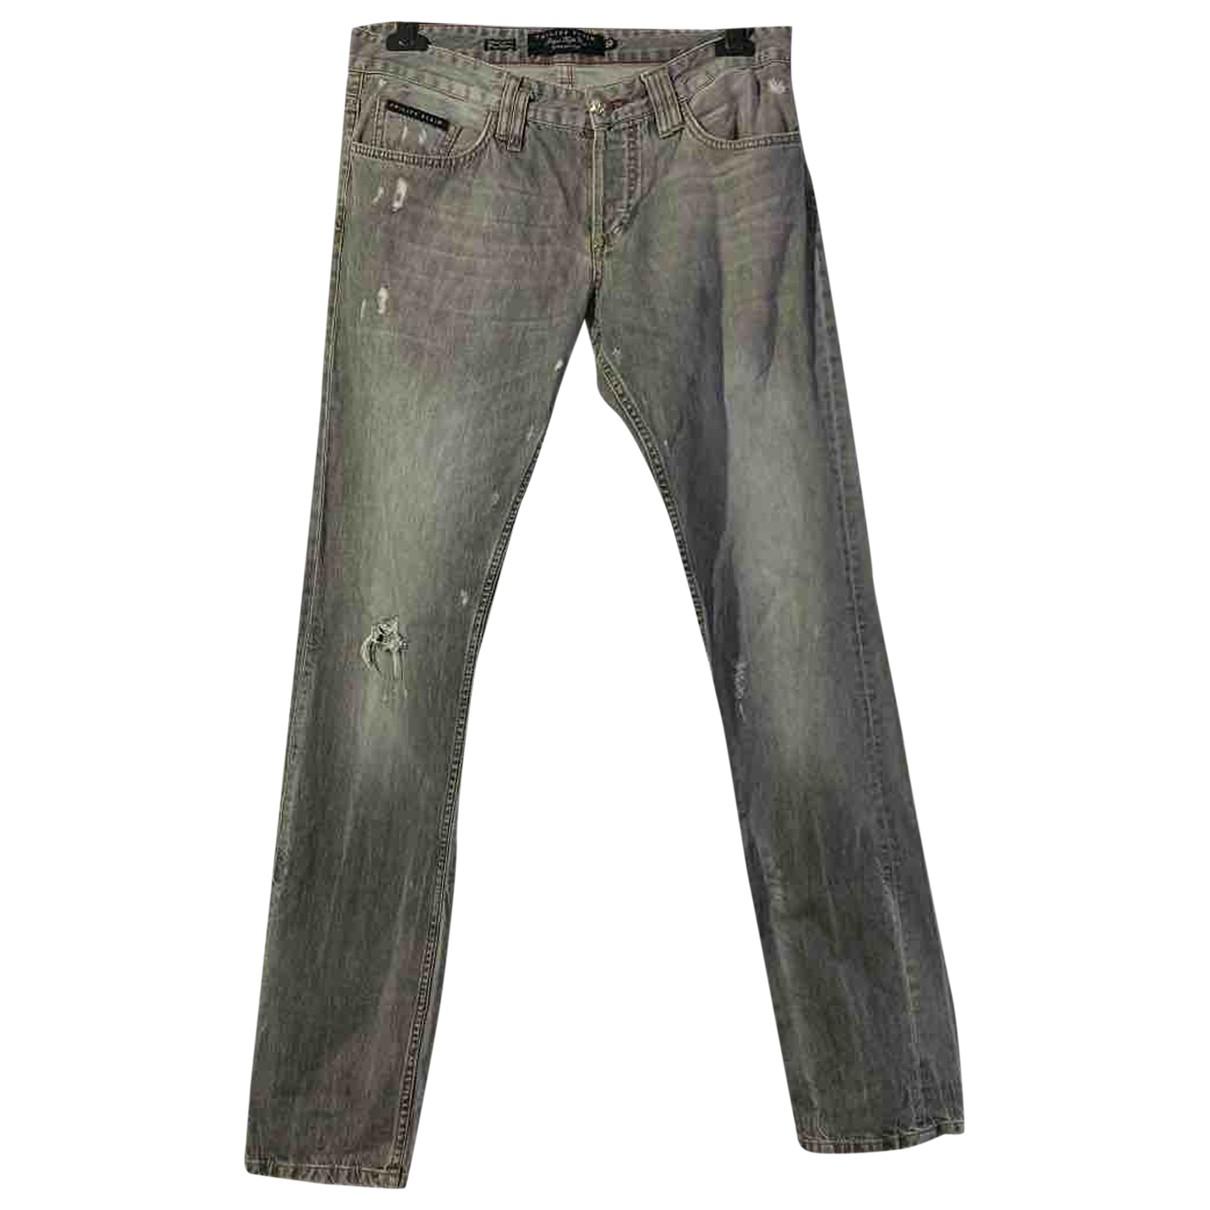 Philipp Plein \N Grey Cotton - elasthane Jeans for Men 34 US